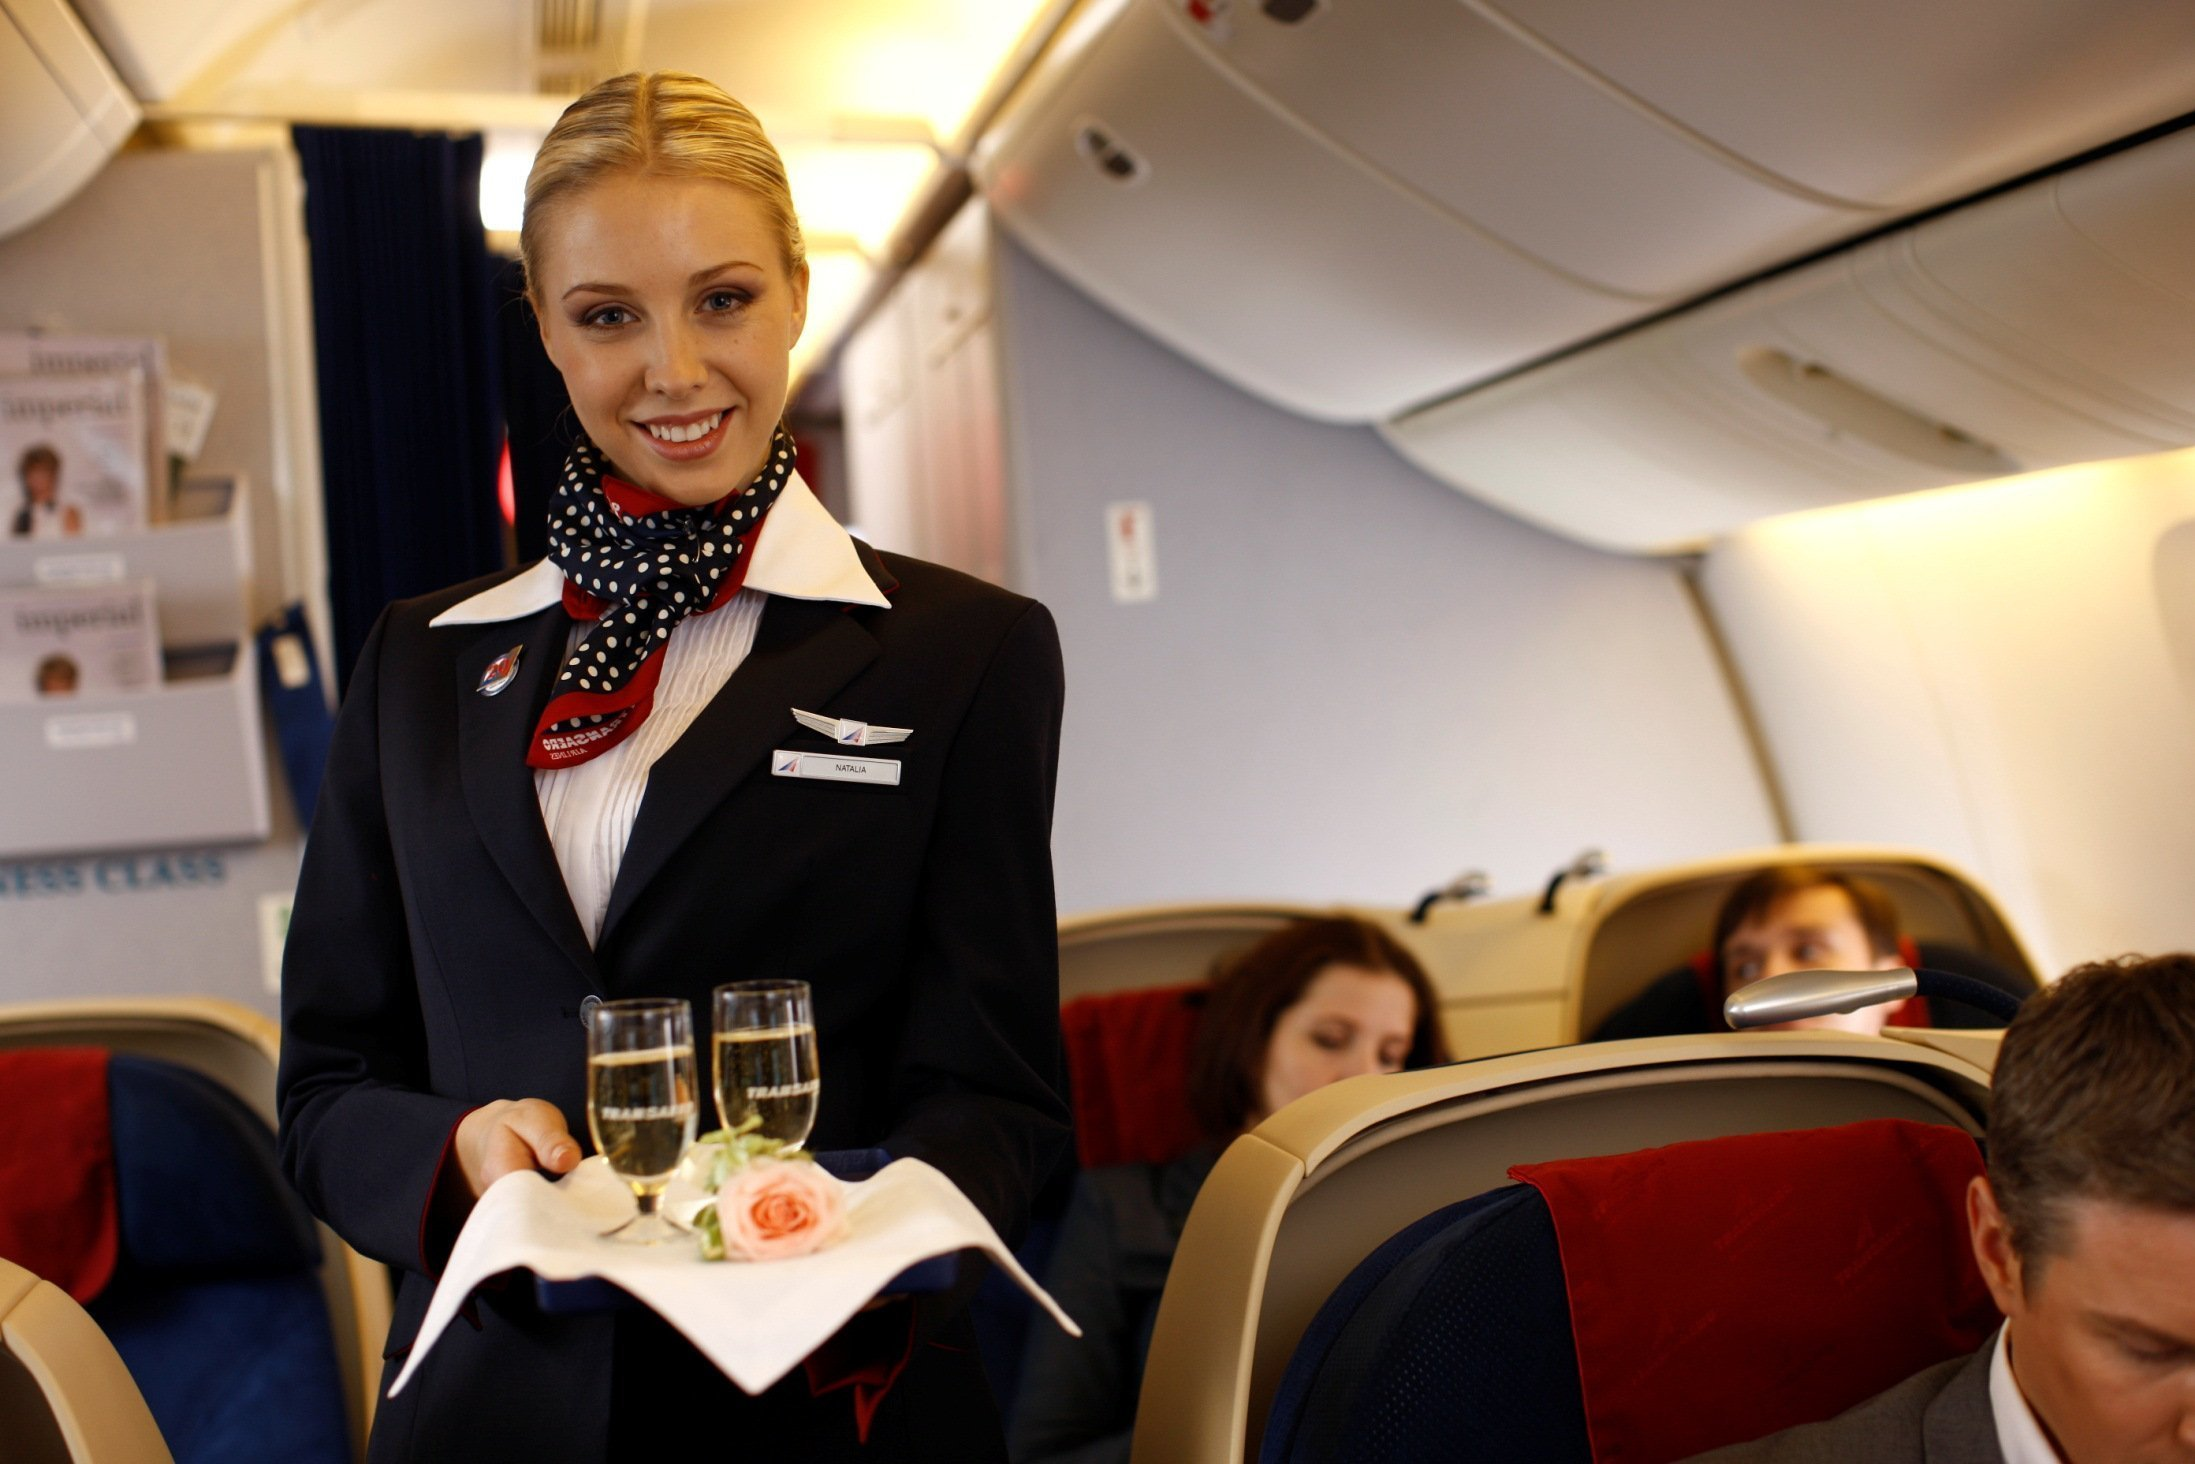 Секс со стюардессой смотреть онлайн, порно видео стюардессы смотреть онлайн бесплатно 20 фотография